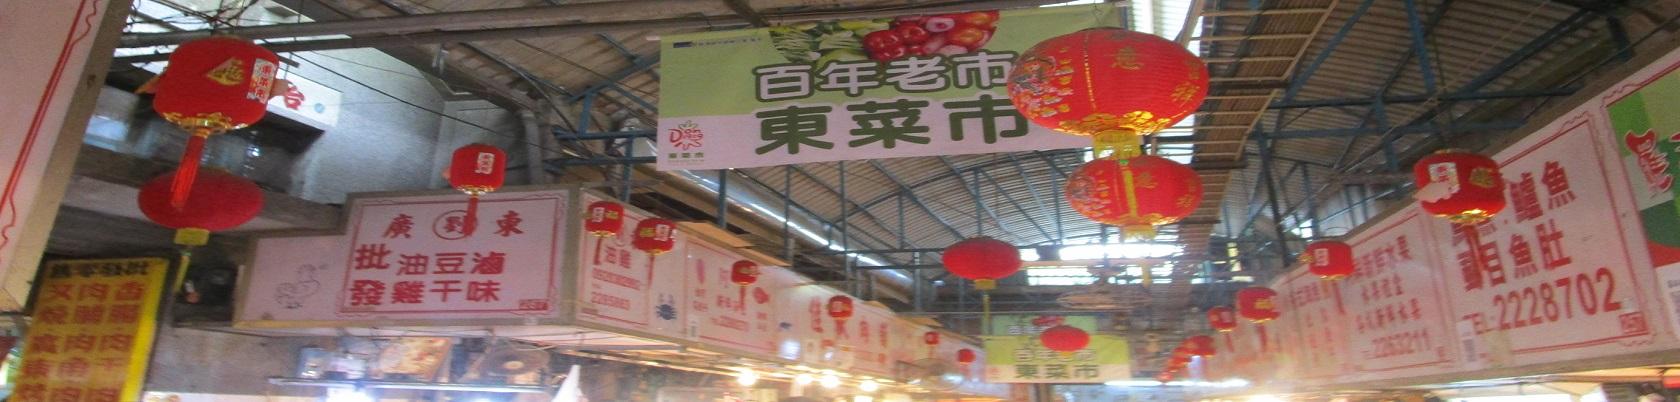 臺南市東菜市市場